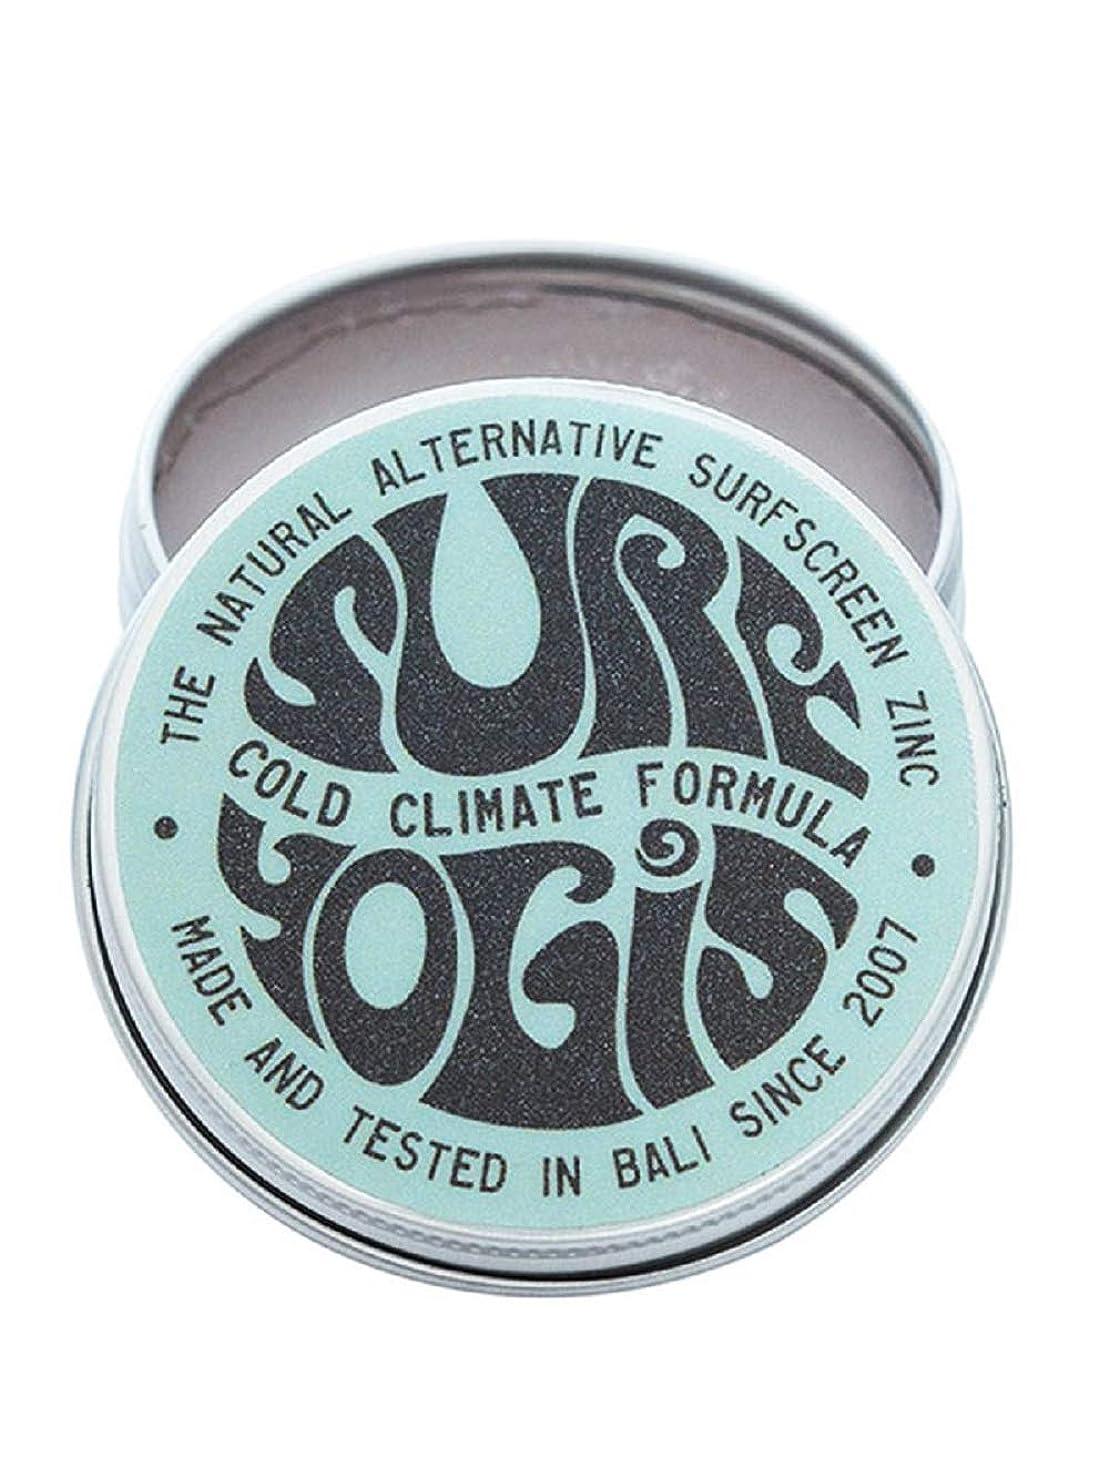 これまでメジャー知り合いになるSURF YOGIS(サーフヨギ) ナチュラルサーフスクリーン COLD CLIMATE FORMULA フォーミュラ 冬用 柔らかめ 日焼け止め オーガニック素材 60g SPF50 ノンケミカル